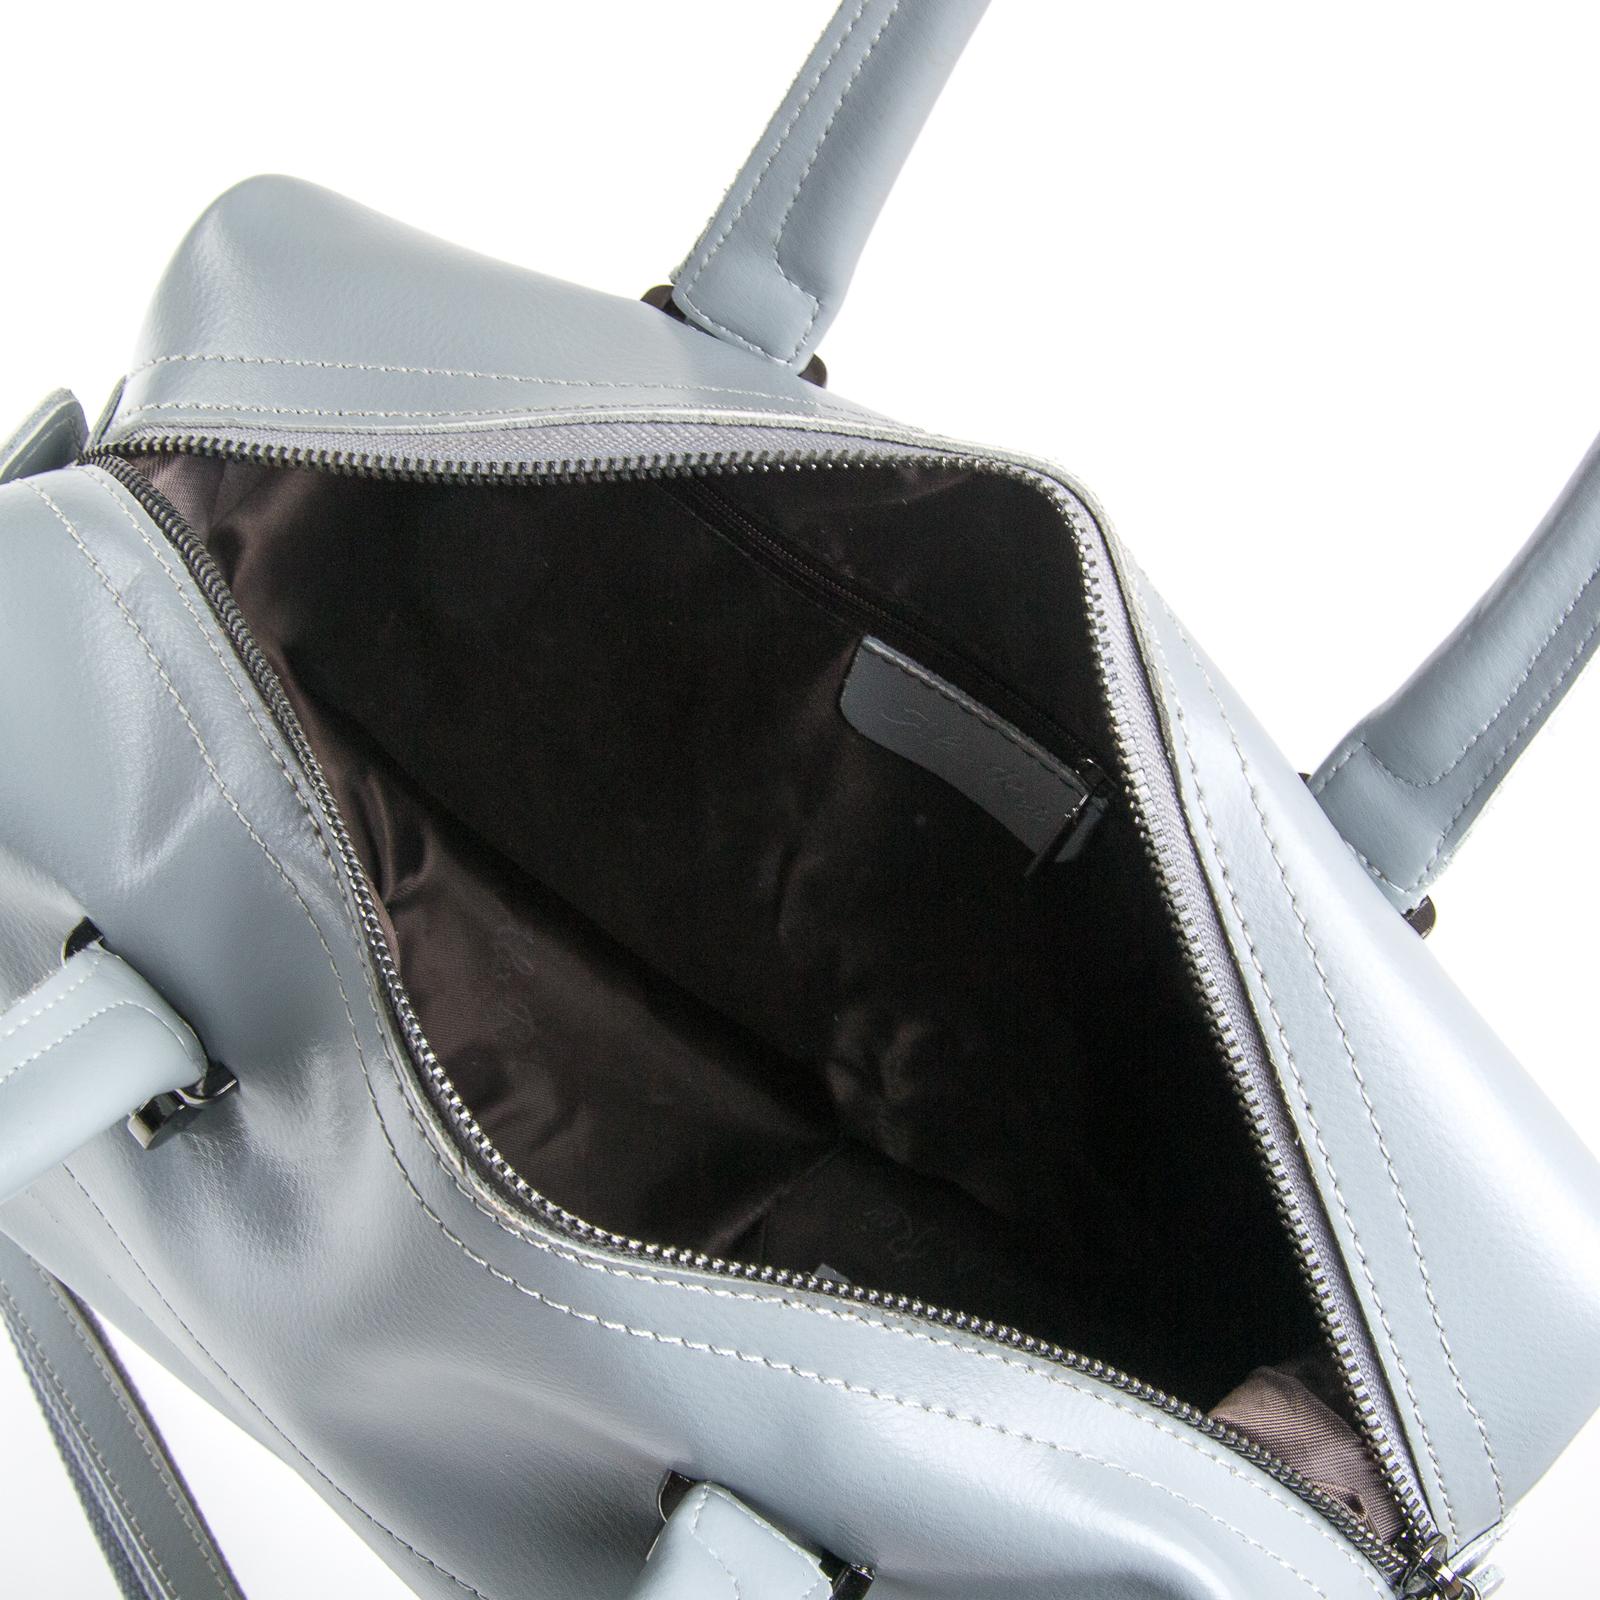 Сумка Женская Классическая кожа ALEX RAI 03-01 P1532 light-grey - фото 5